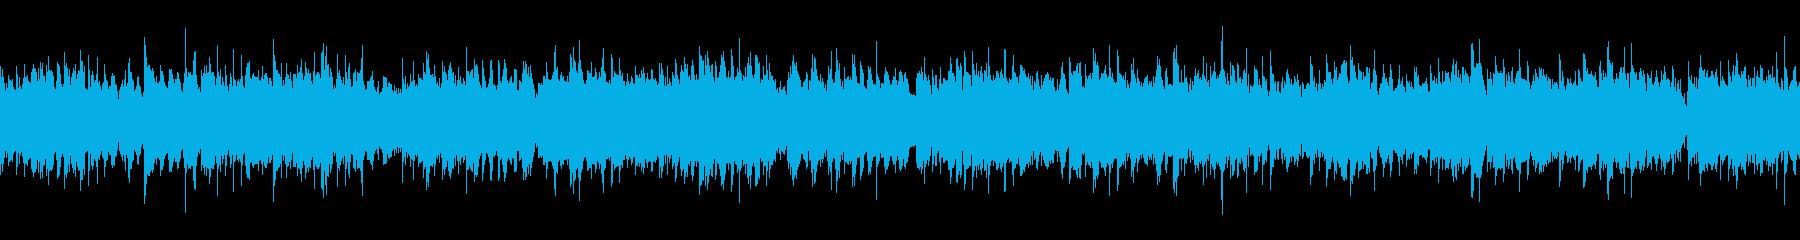 アンビエントの気持ち良いヒーリングBGMの再生済みの波形